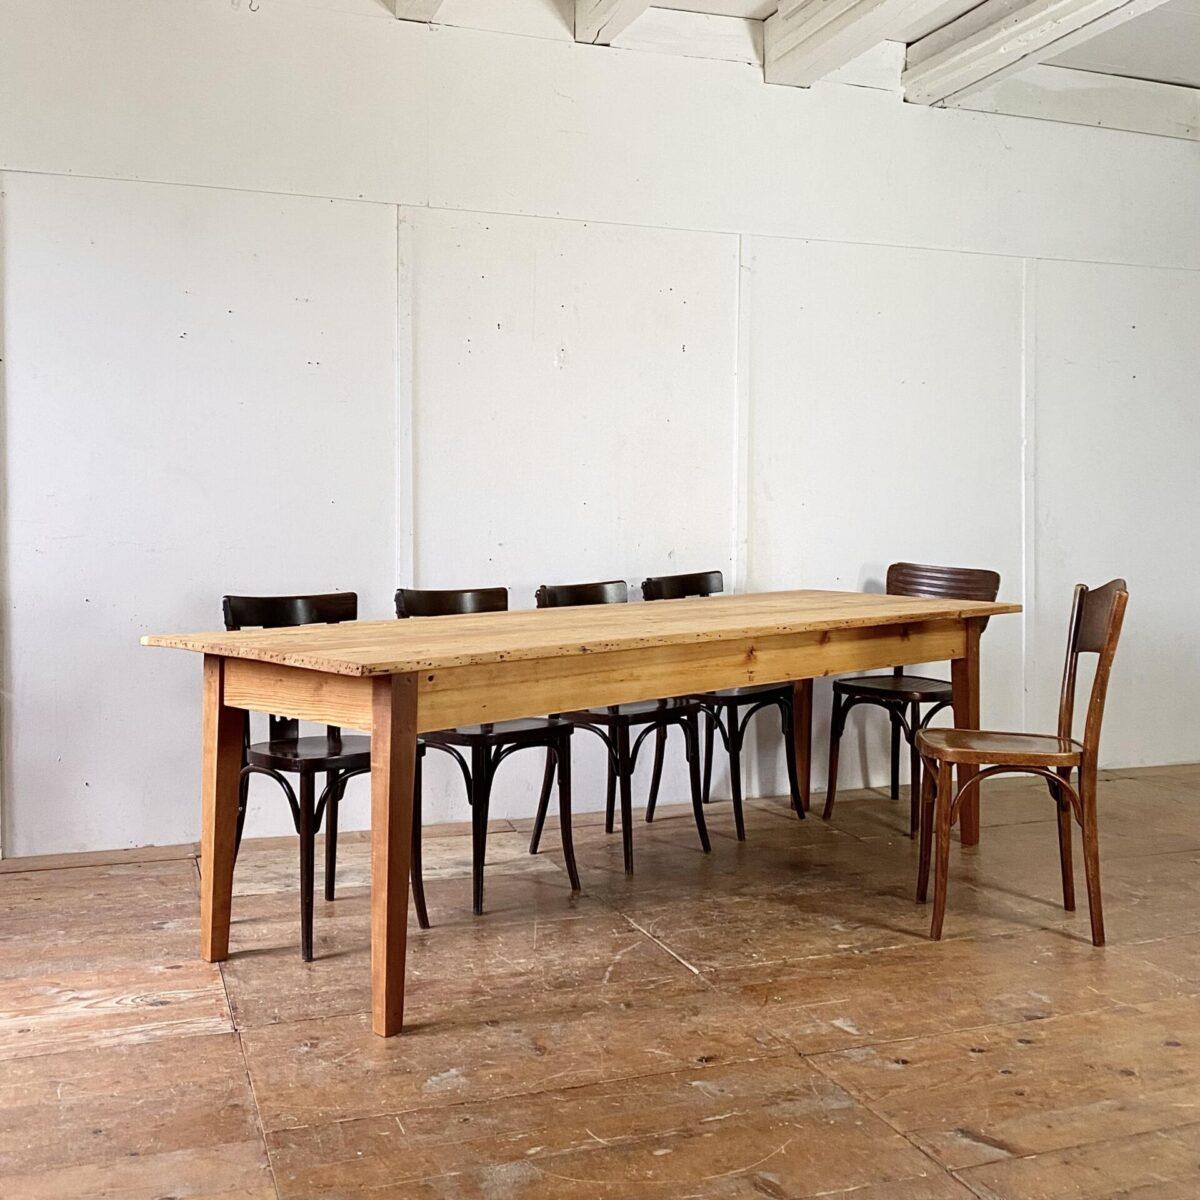 Deuxieme.shop alter Holztisch Beizentisch. Biedermeiertisch aus Tanne. 254x85.5cm Höhe 75cm. Der Tisch ist in überarbeiteten stabilem Zustand, Holzoberflächen sind mit Naturöl behandelt. Diverse Gebrauchsspuren und Alterspatina. Die Tischbeine sind aus Birnbaum Holz. An dem Esstisch finden bis zu 10 Personen Platz.